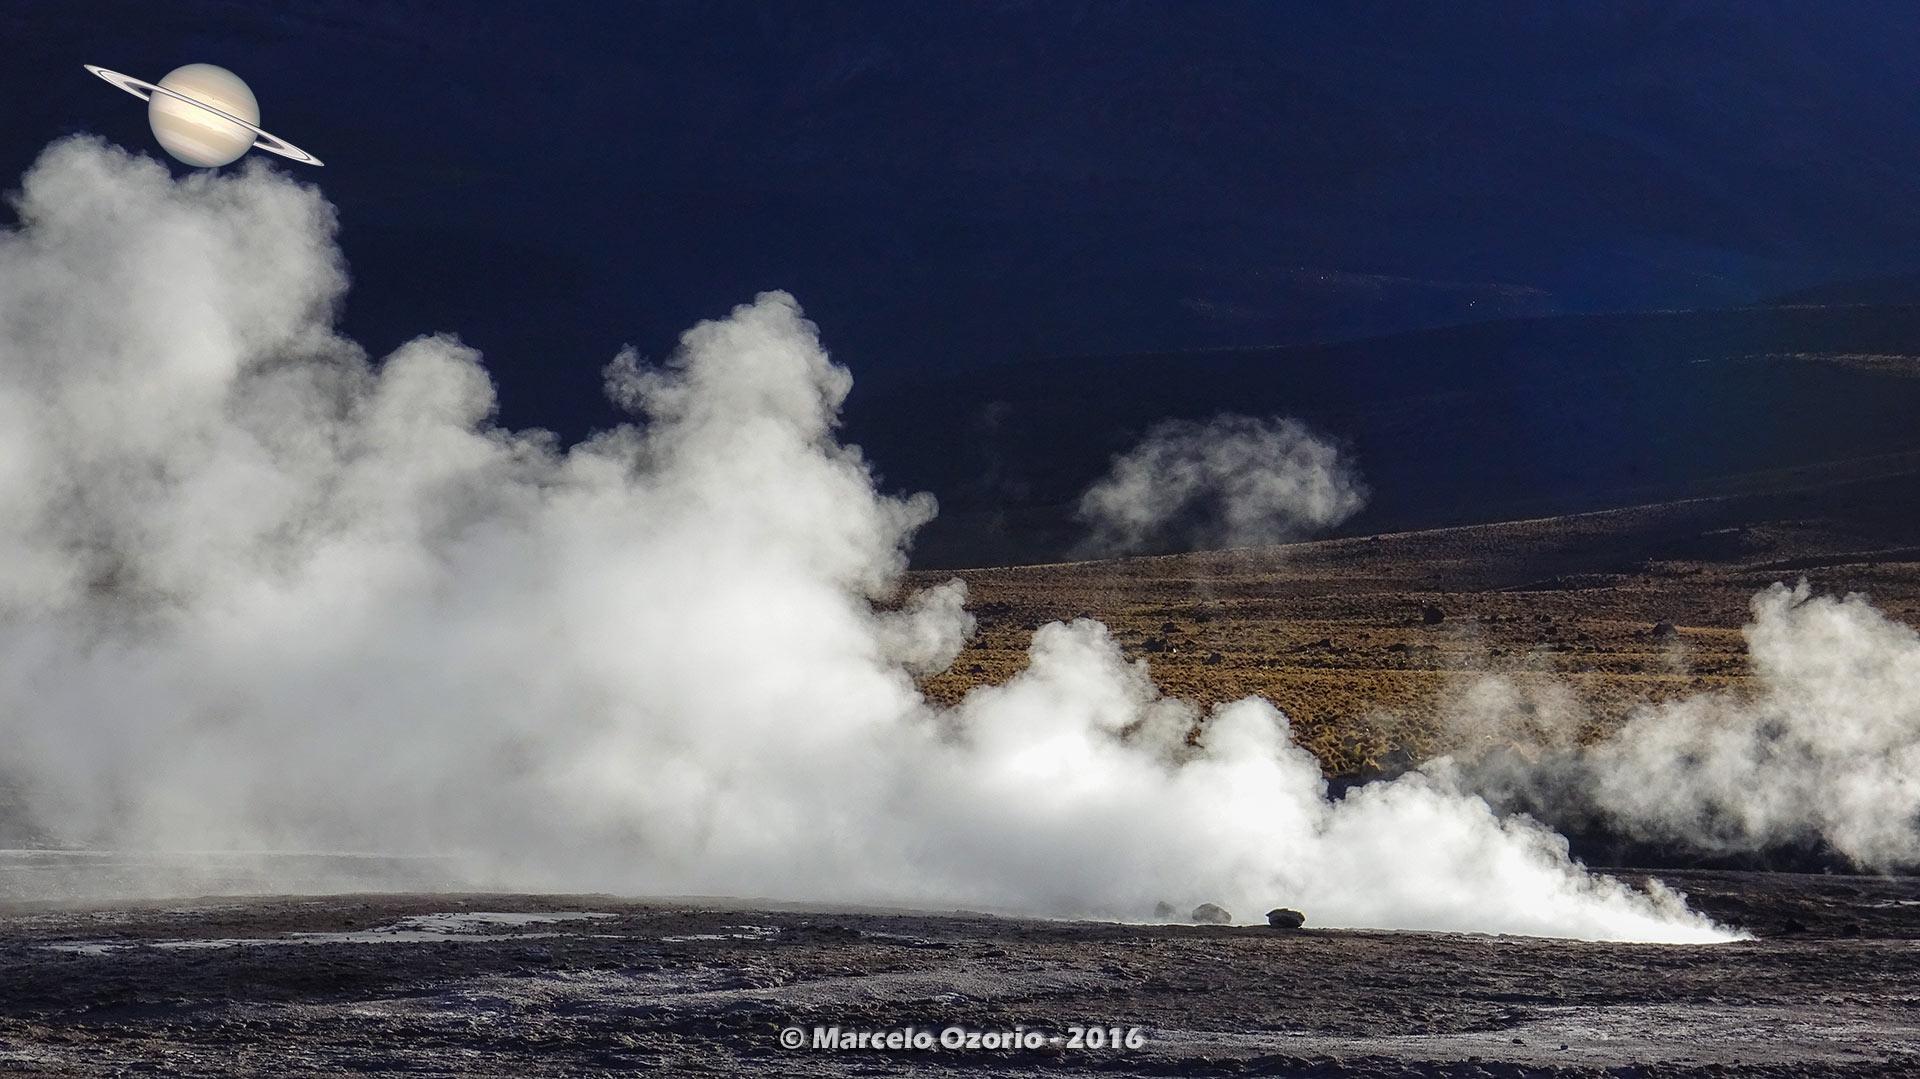 el tatio geysers atacama desert 21 - The Surreal El Tatio Geysers - Atacama Desert - Chile